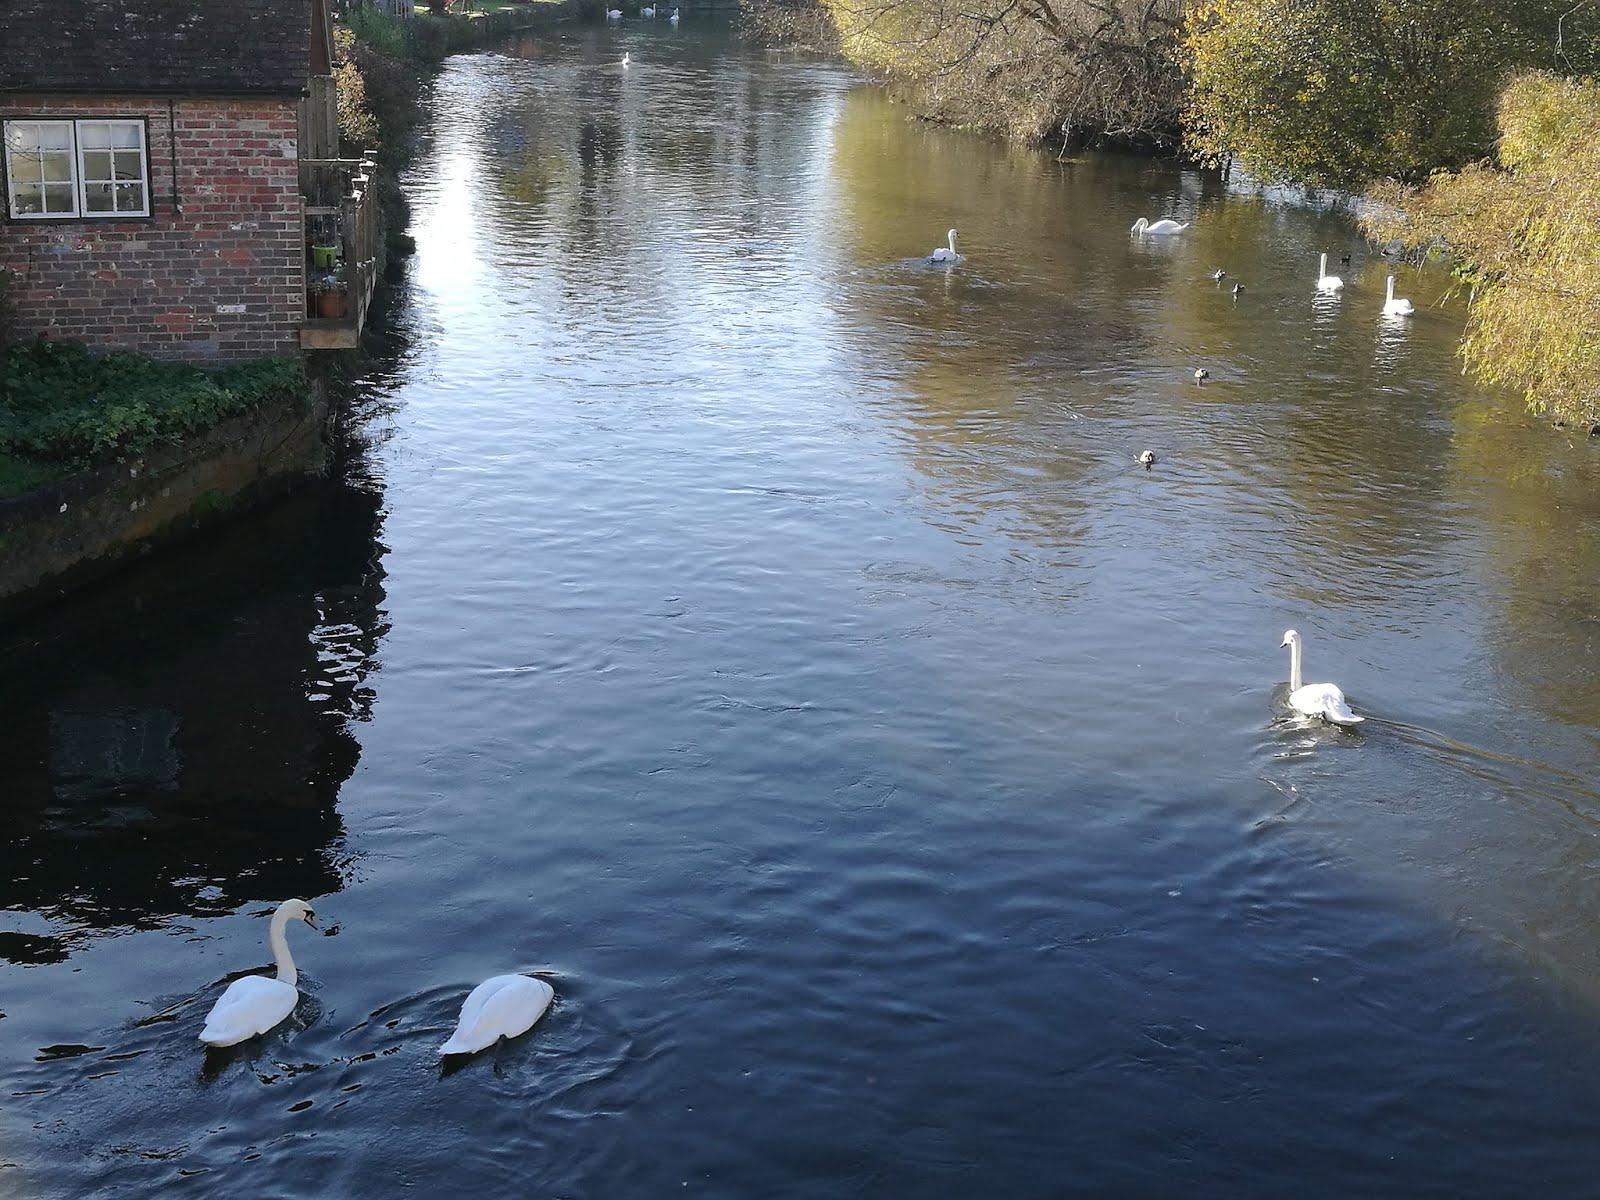 Hattyúk az Avon folyón